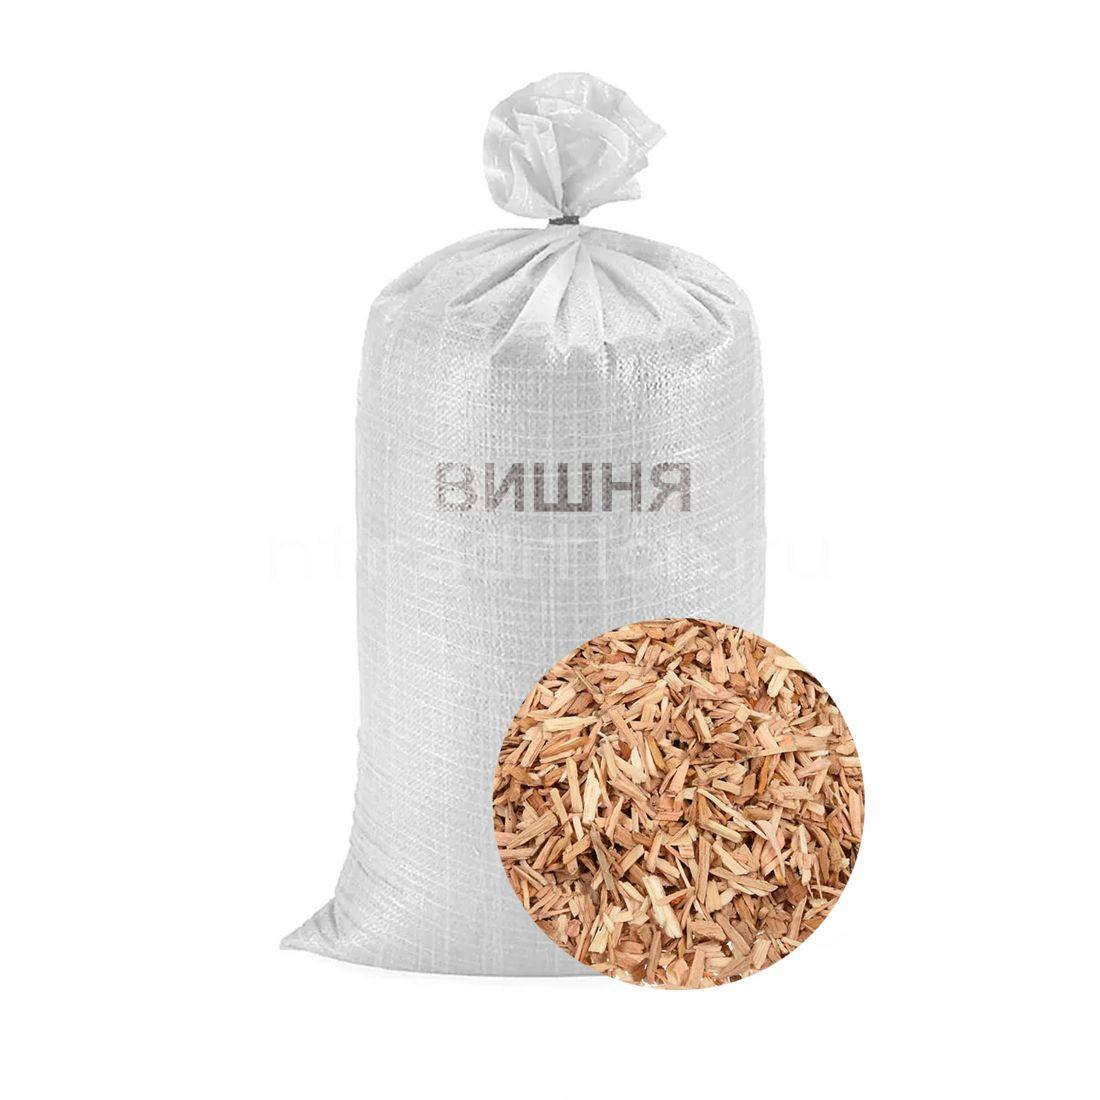 Щепа для копчения, Вишня, мешок 20 кг